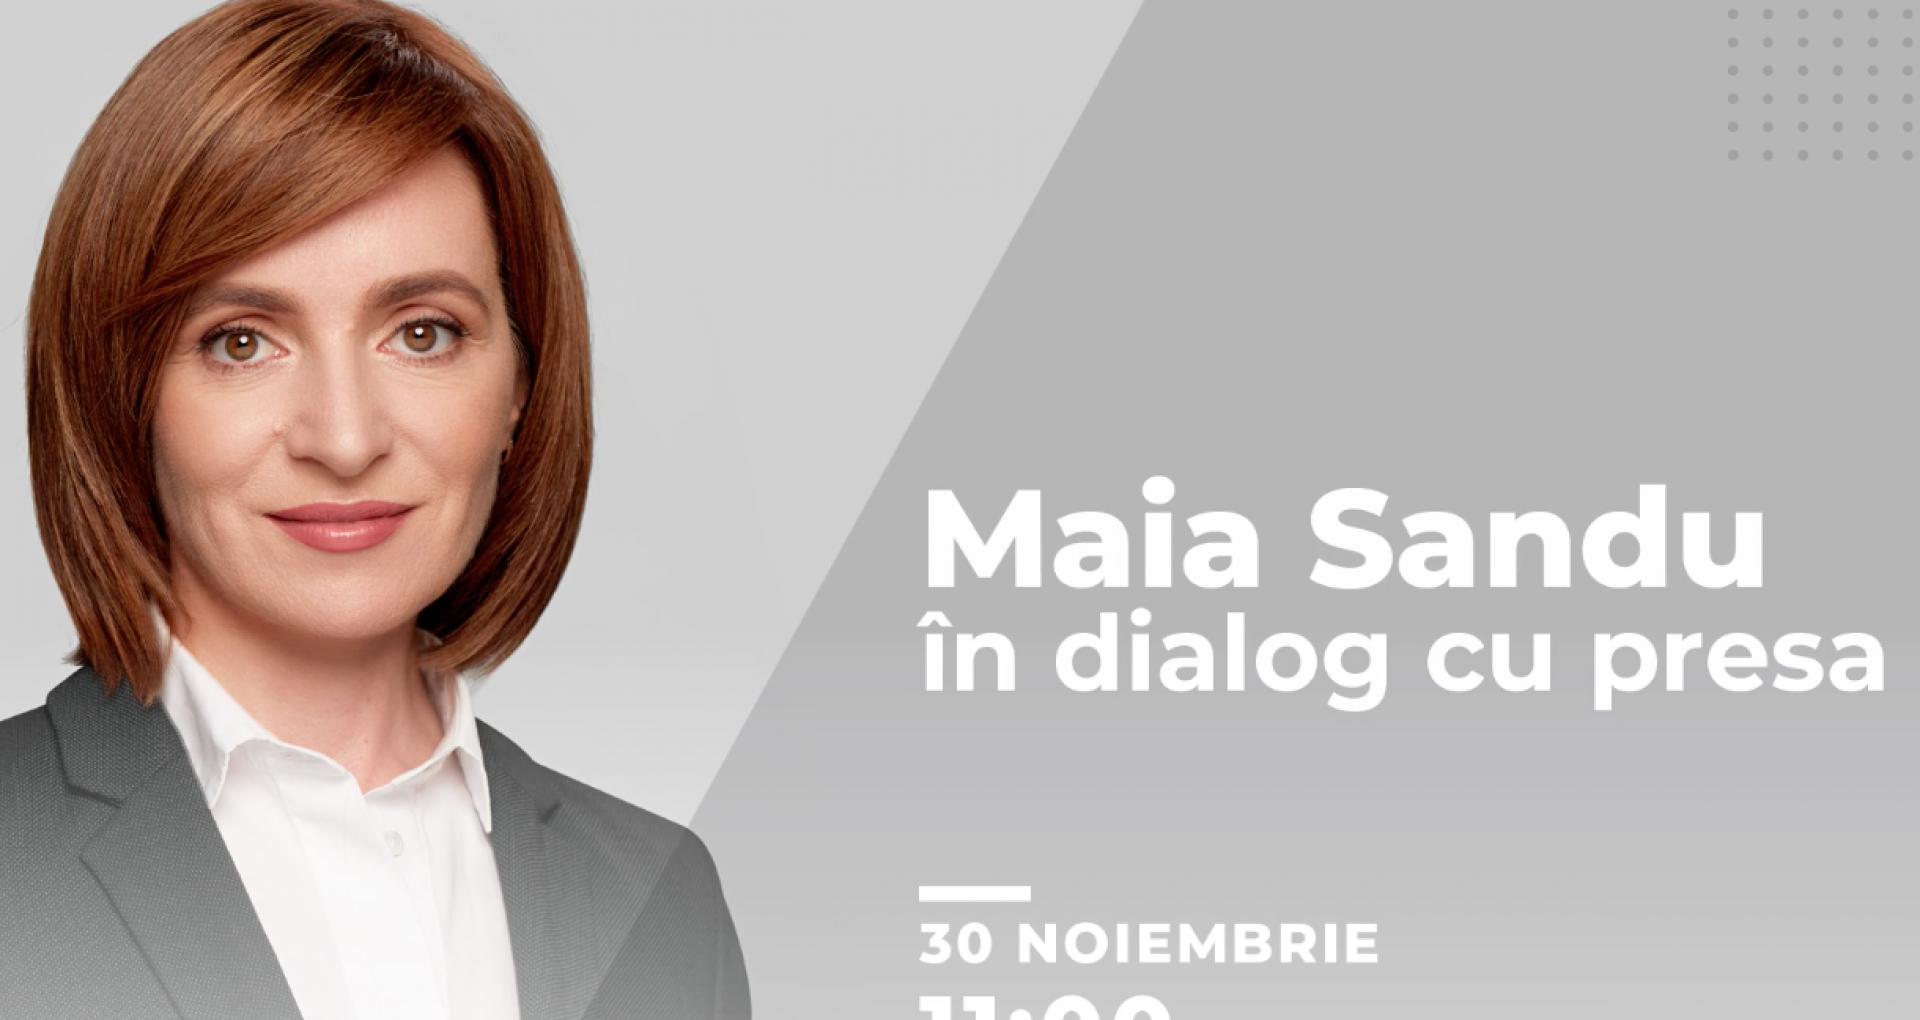 LIVE-TEXT/ Prima conferință de presă a președintei alese. Maia Sandu despre când va avea loc inaugurarea și unde va fi prima vizită în străinătate